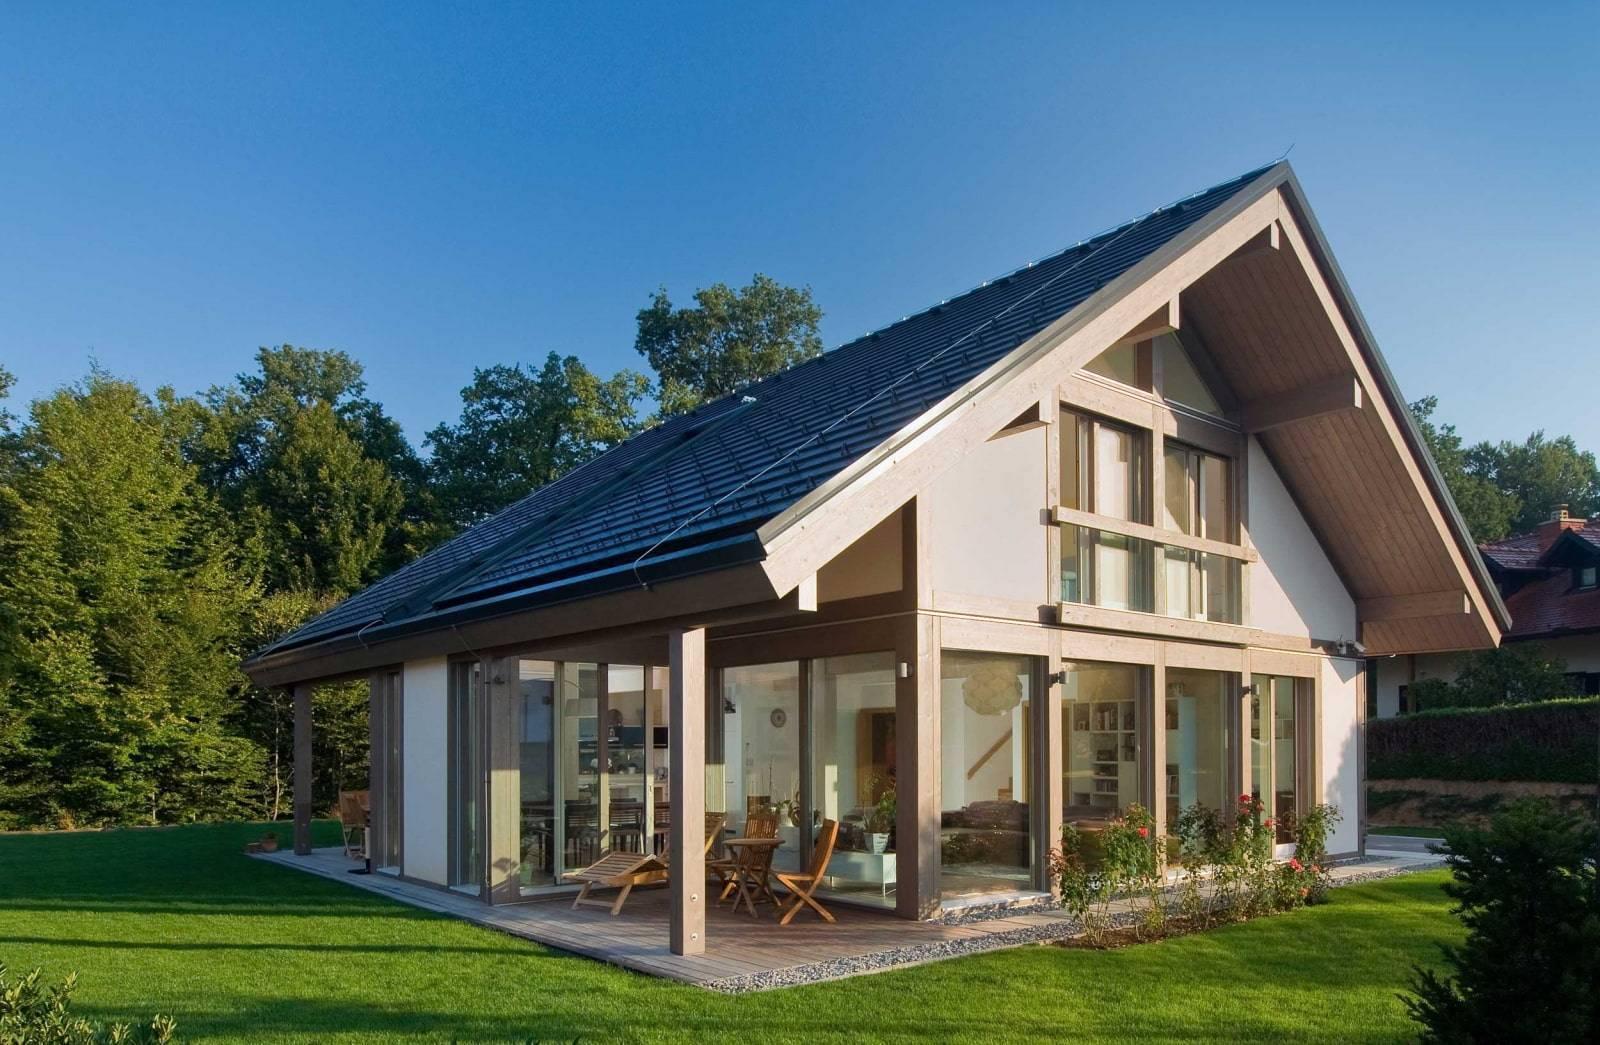 Дома в стиле фахверк: преимущества и недостатки, особенности, сроки и стадии строительства